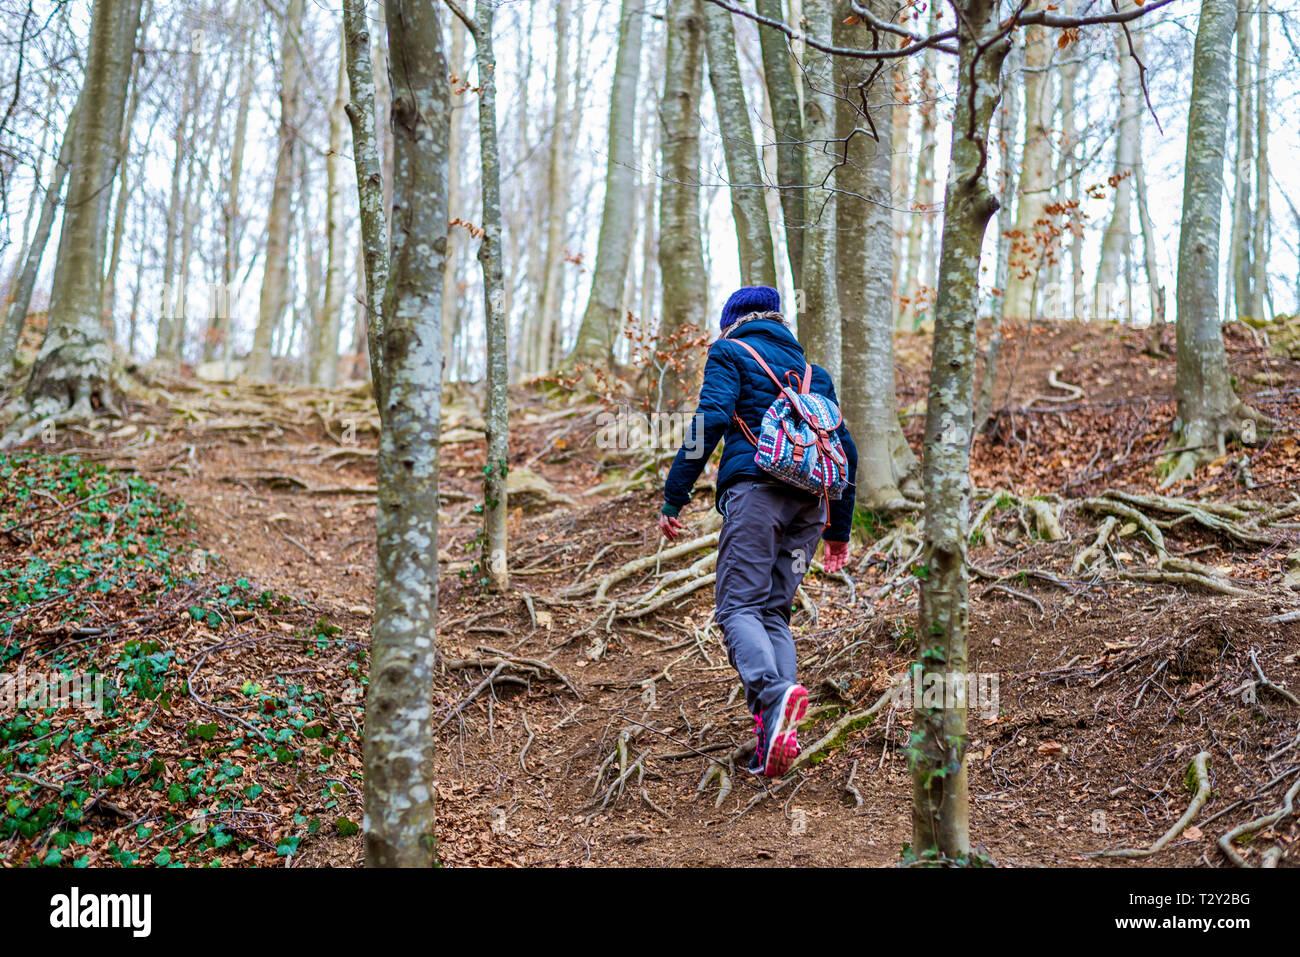 Vista posterior de la mujer caminando en el bosque Foto de stock